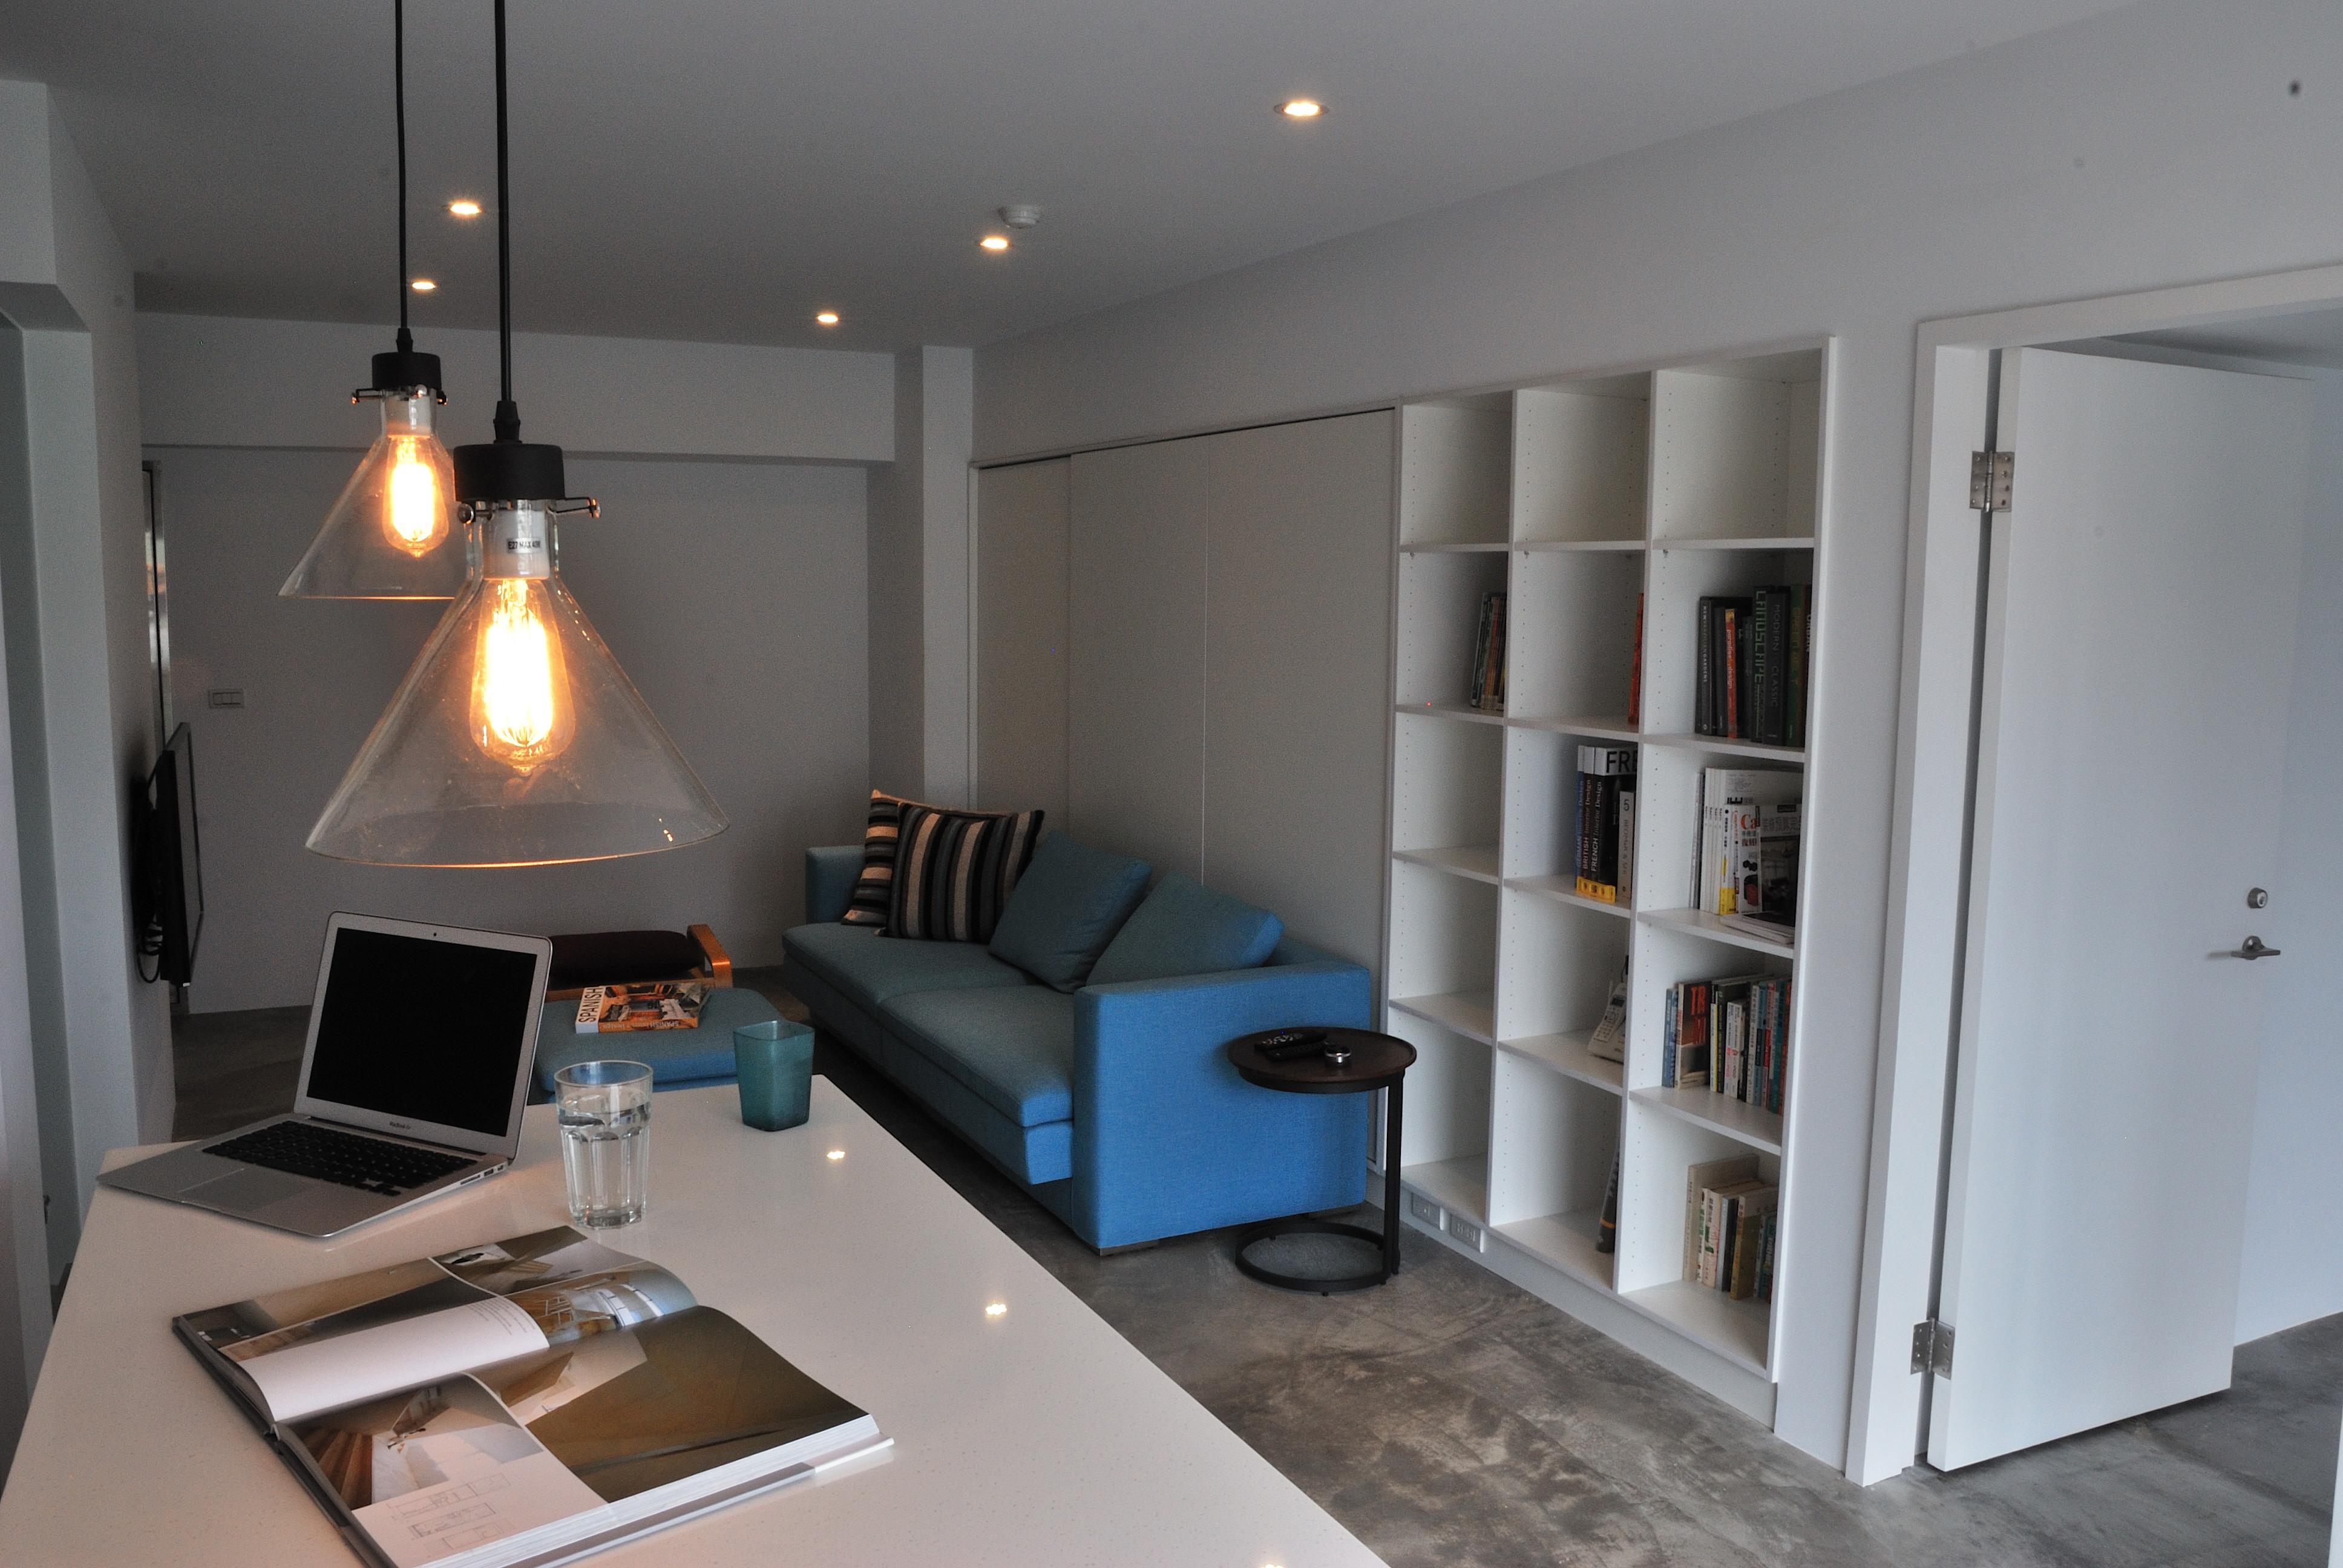 住宅設計-清新居家風家具